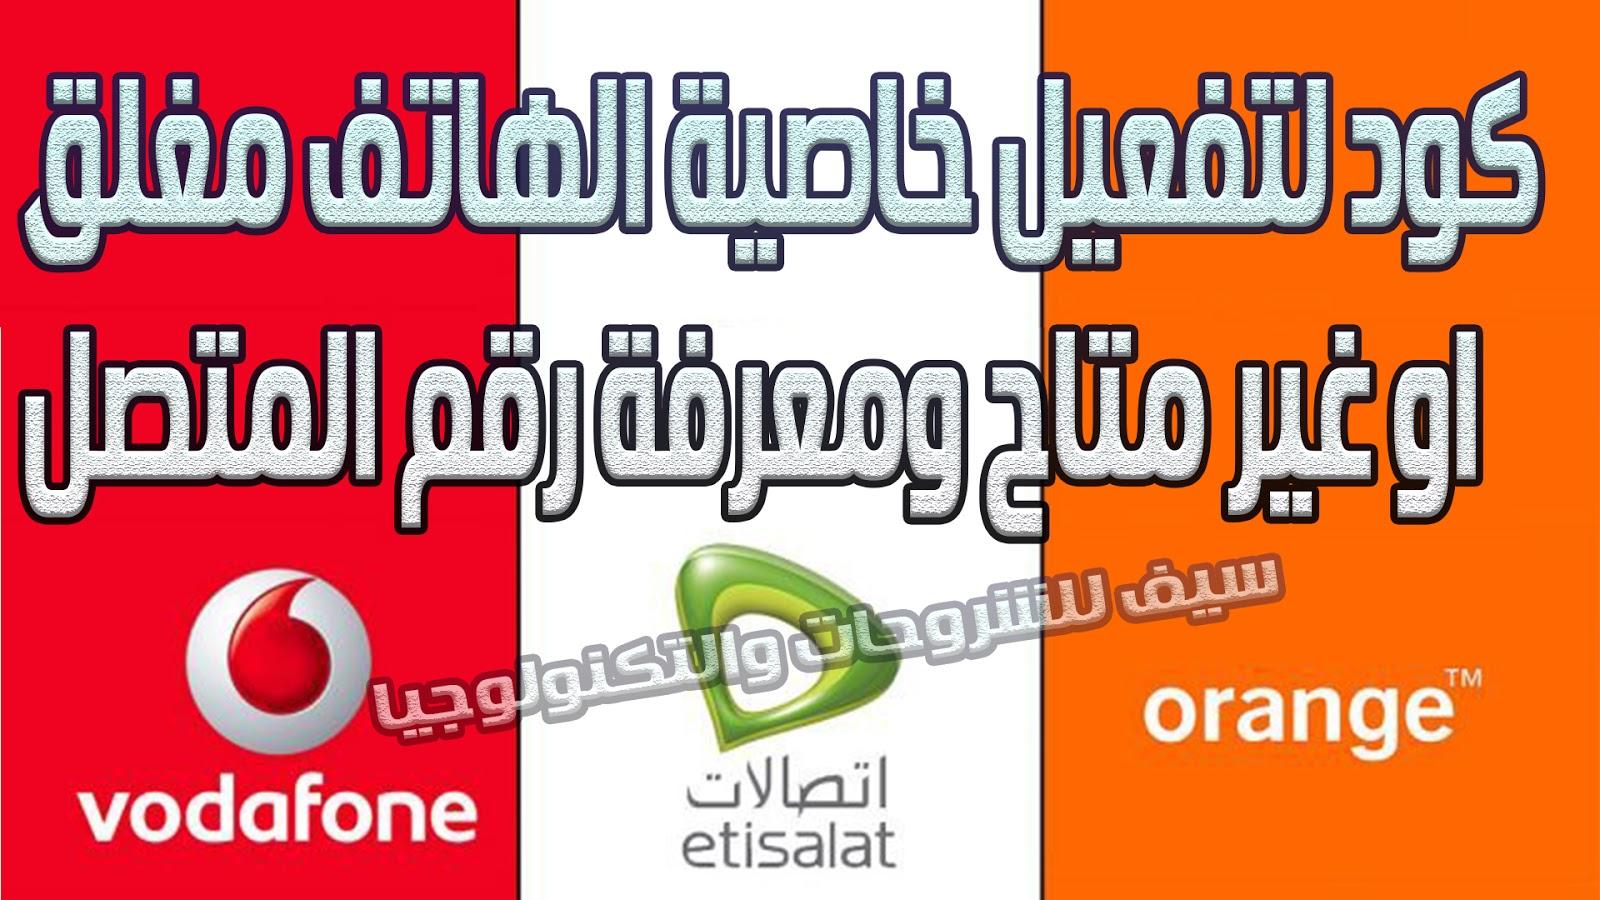 كود لتفعيل خاصية الهاتف مغلق او غير متاح ومعرفة رقم المتصل – اتصالات وموبينيل (اورنج ) فودافون مصر